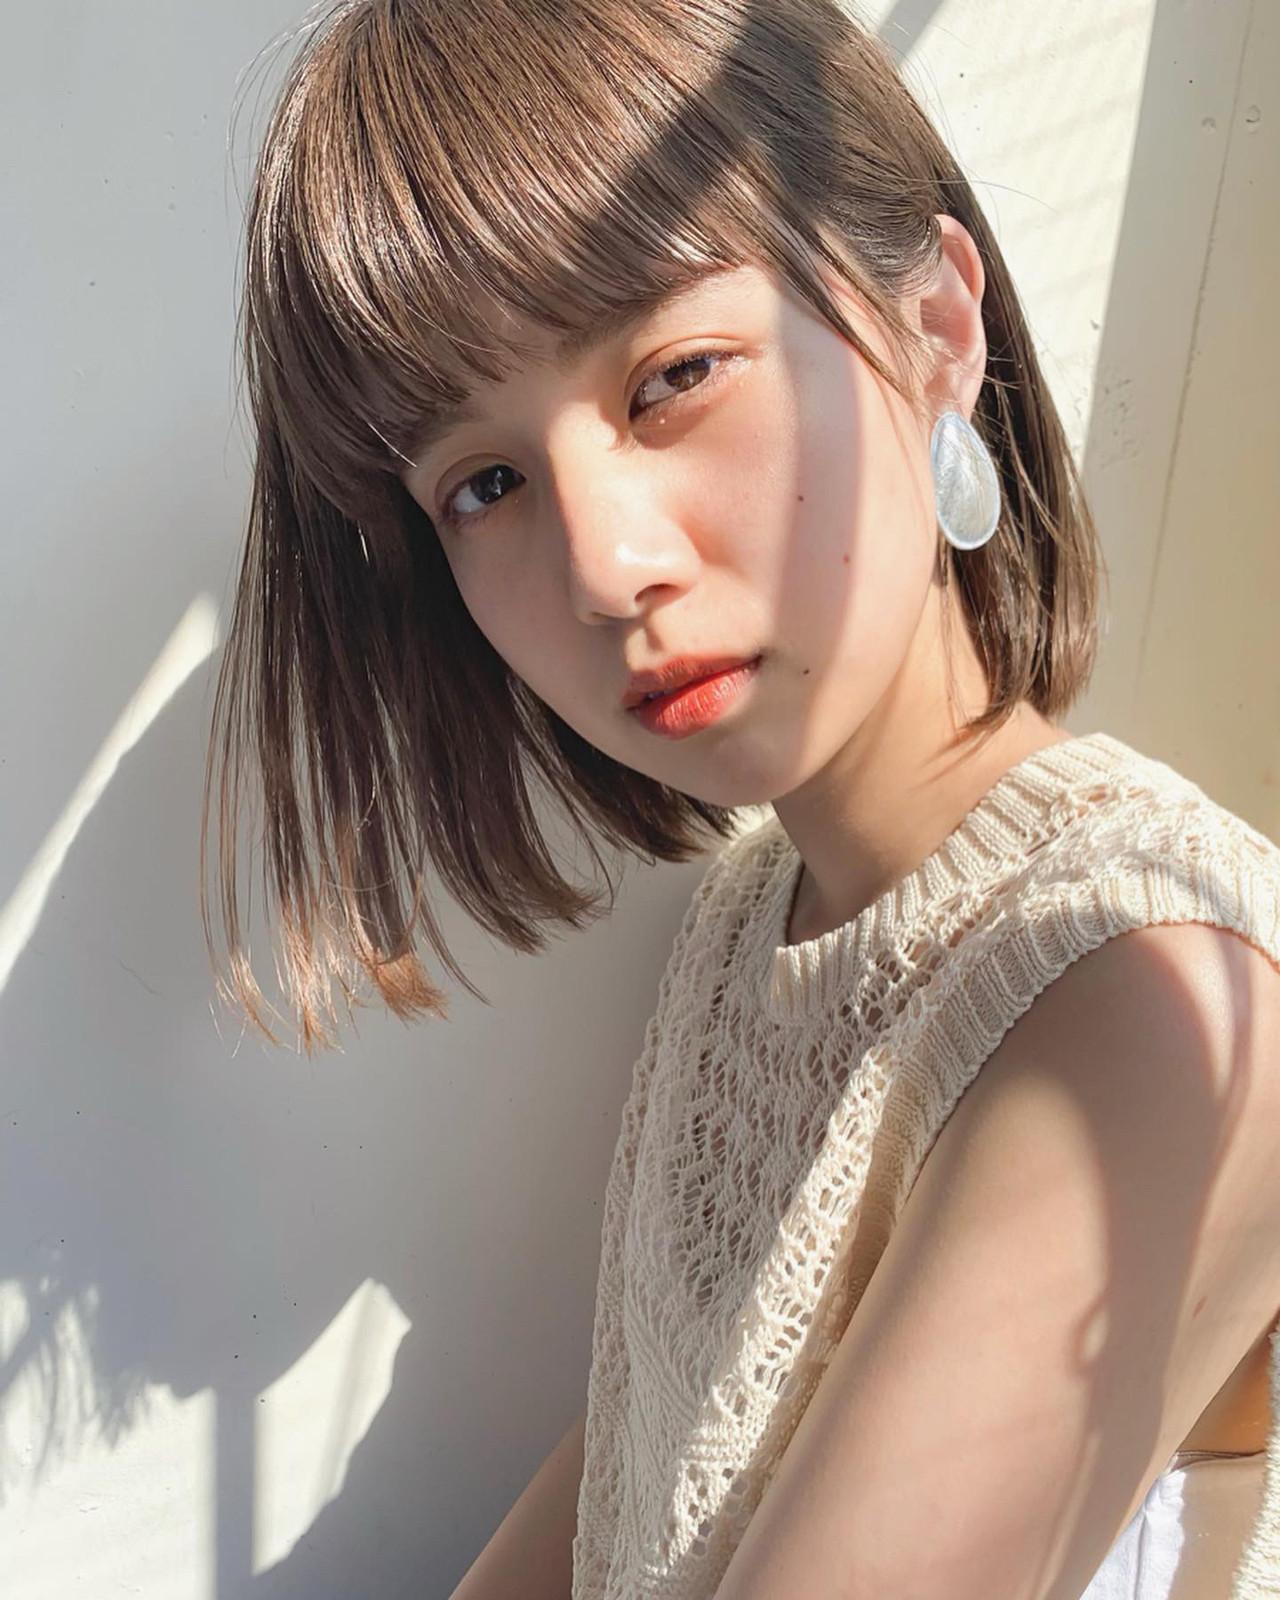 ヘアアレンジ 切りっぱなしボブ ナチュラル ボブ ヘアスタイルや髪型の写真・画像 | 太田 ヒロト / GARDEN omotesando